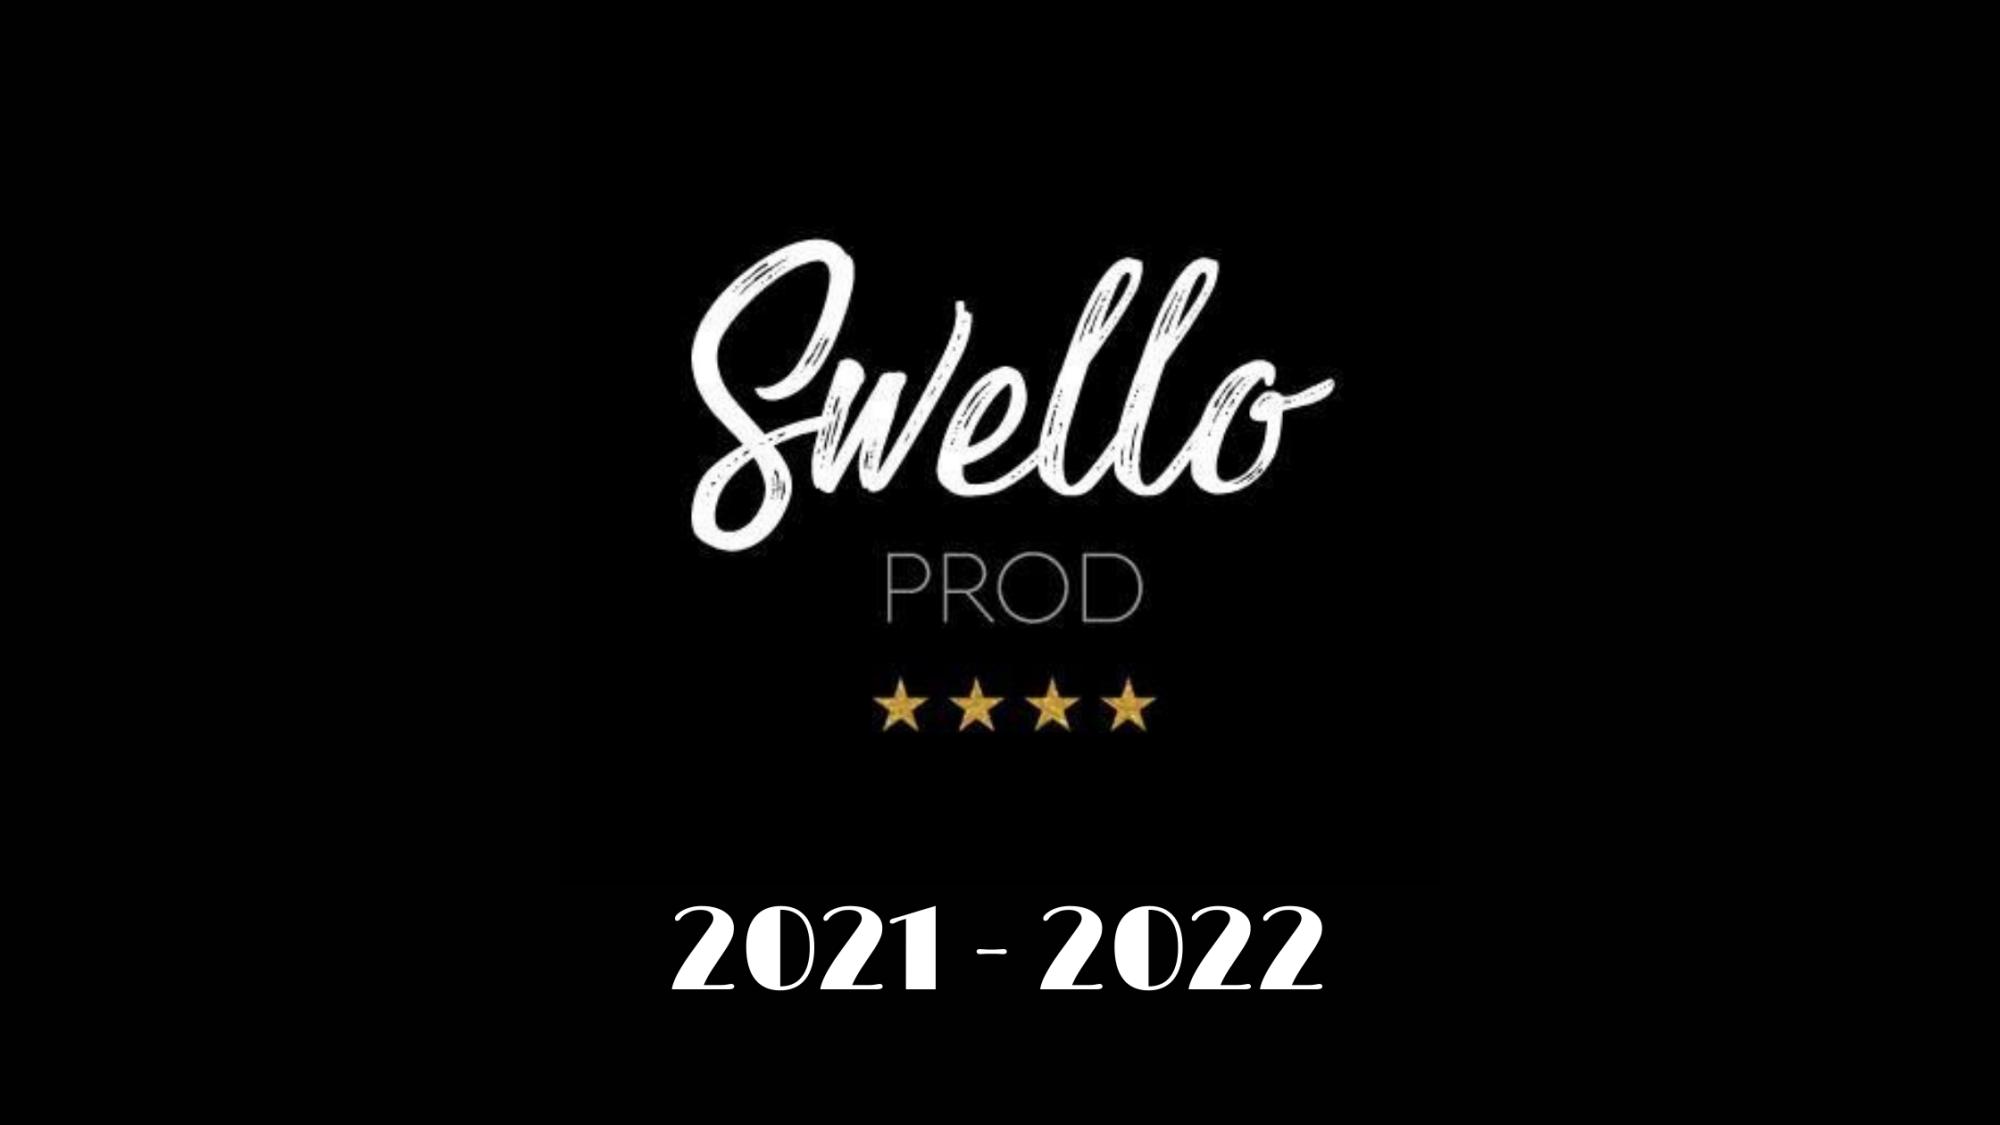 COUV2021 – 2022